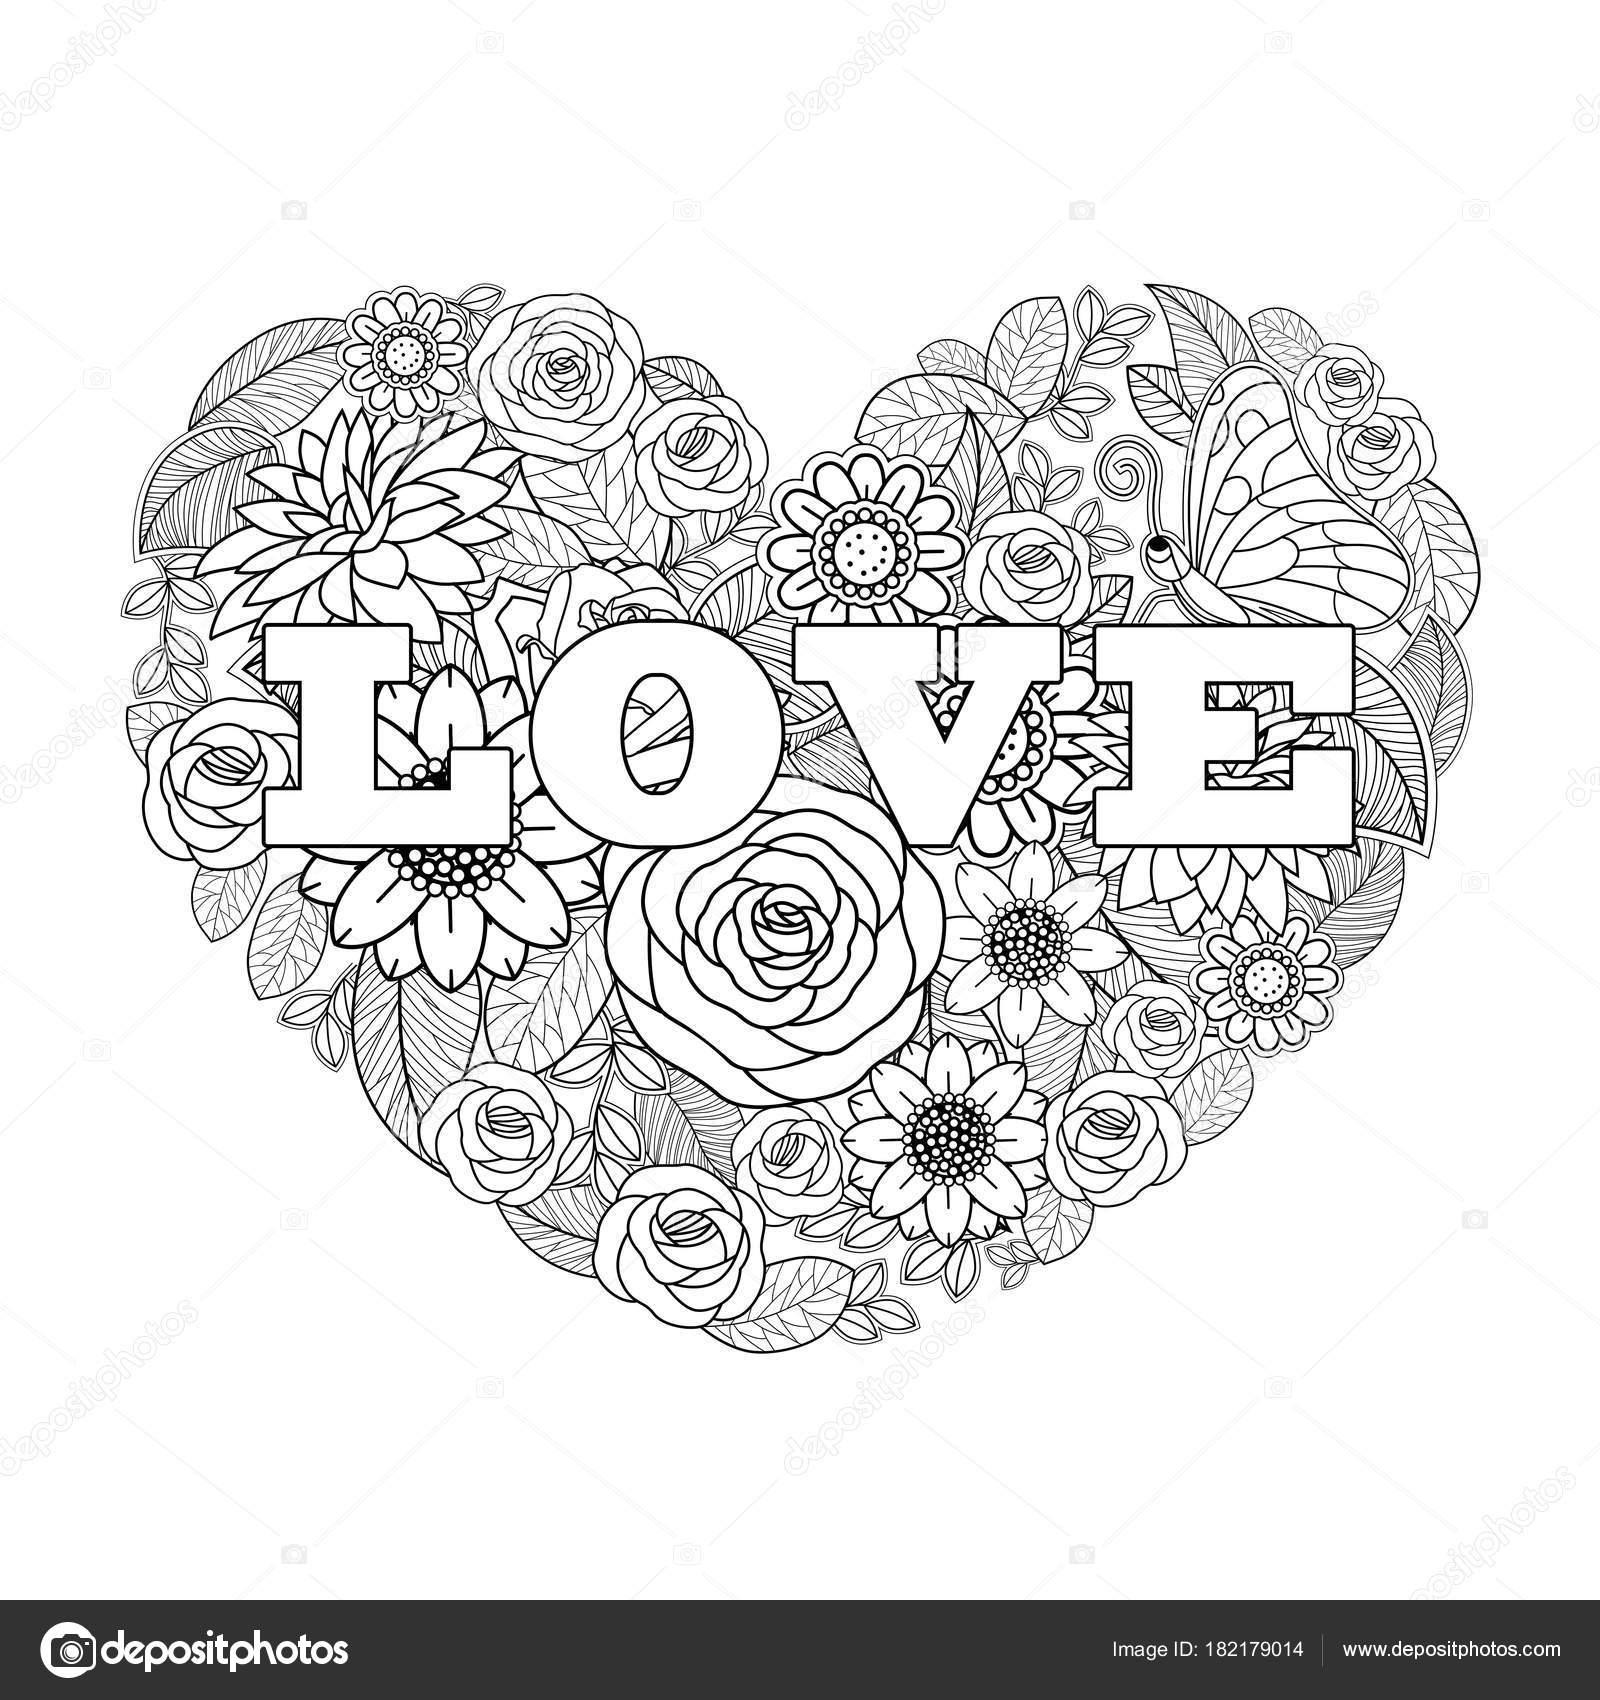 Dia Dos Namorados Flor Desenho Fundo Coração Forma Desenho